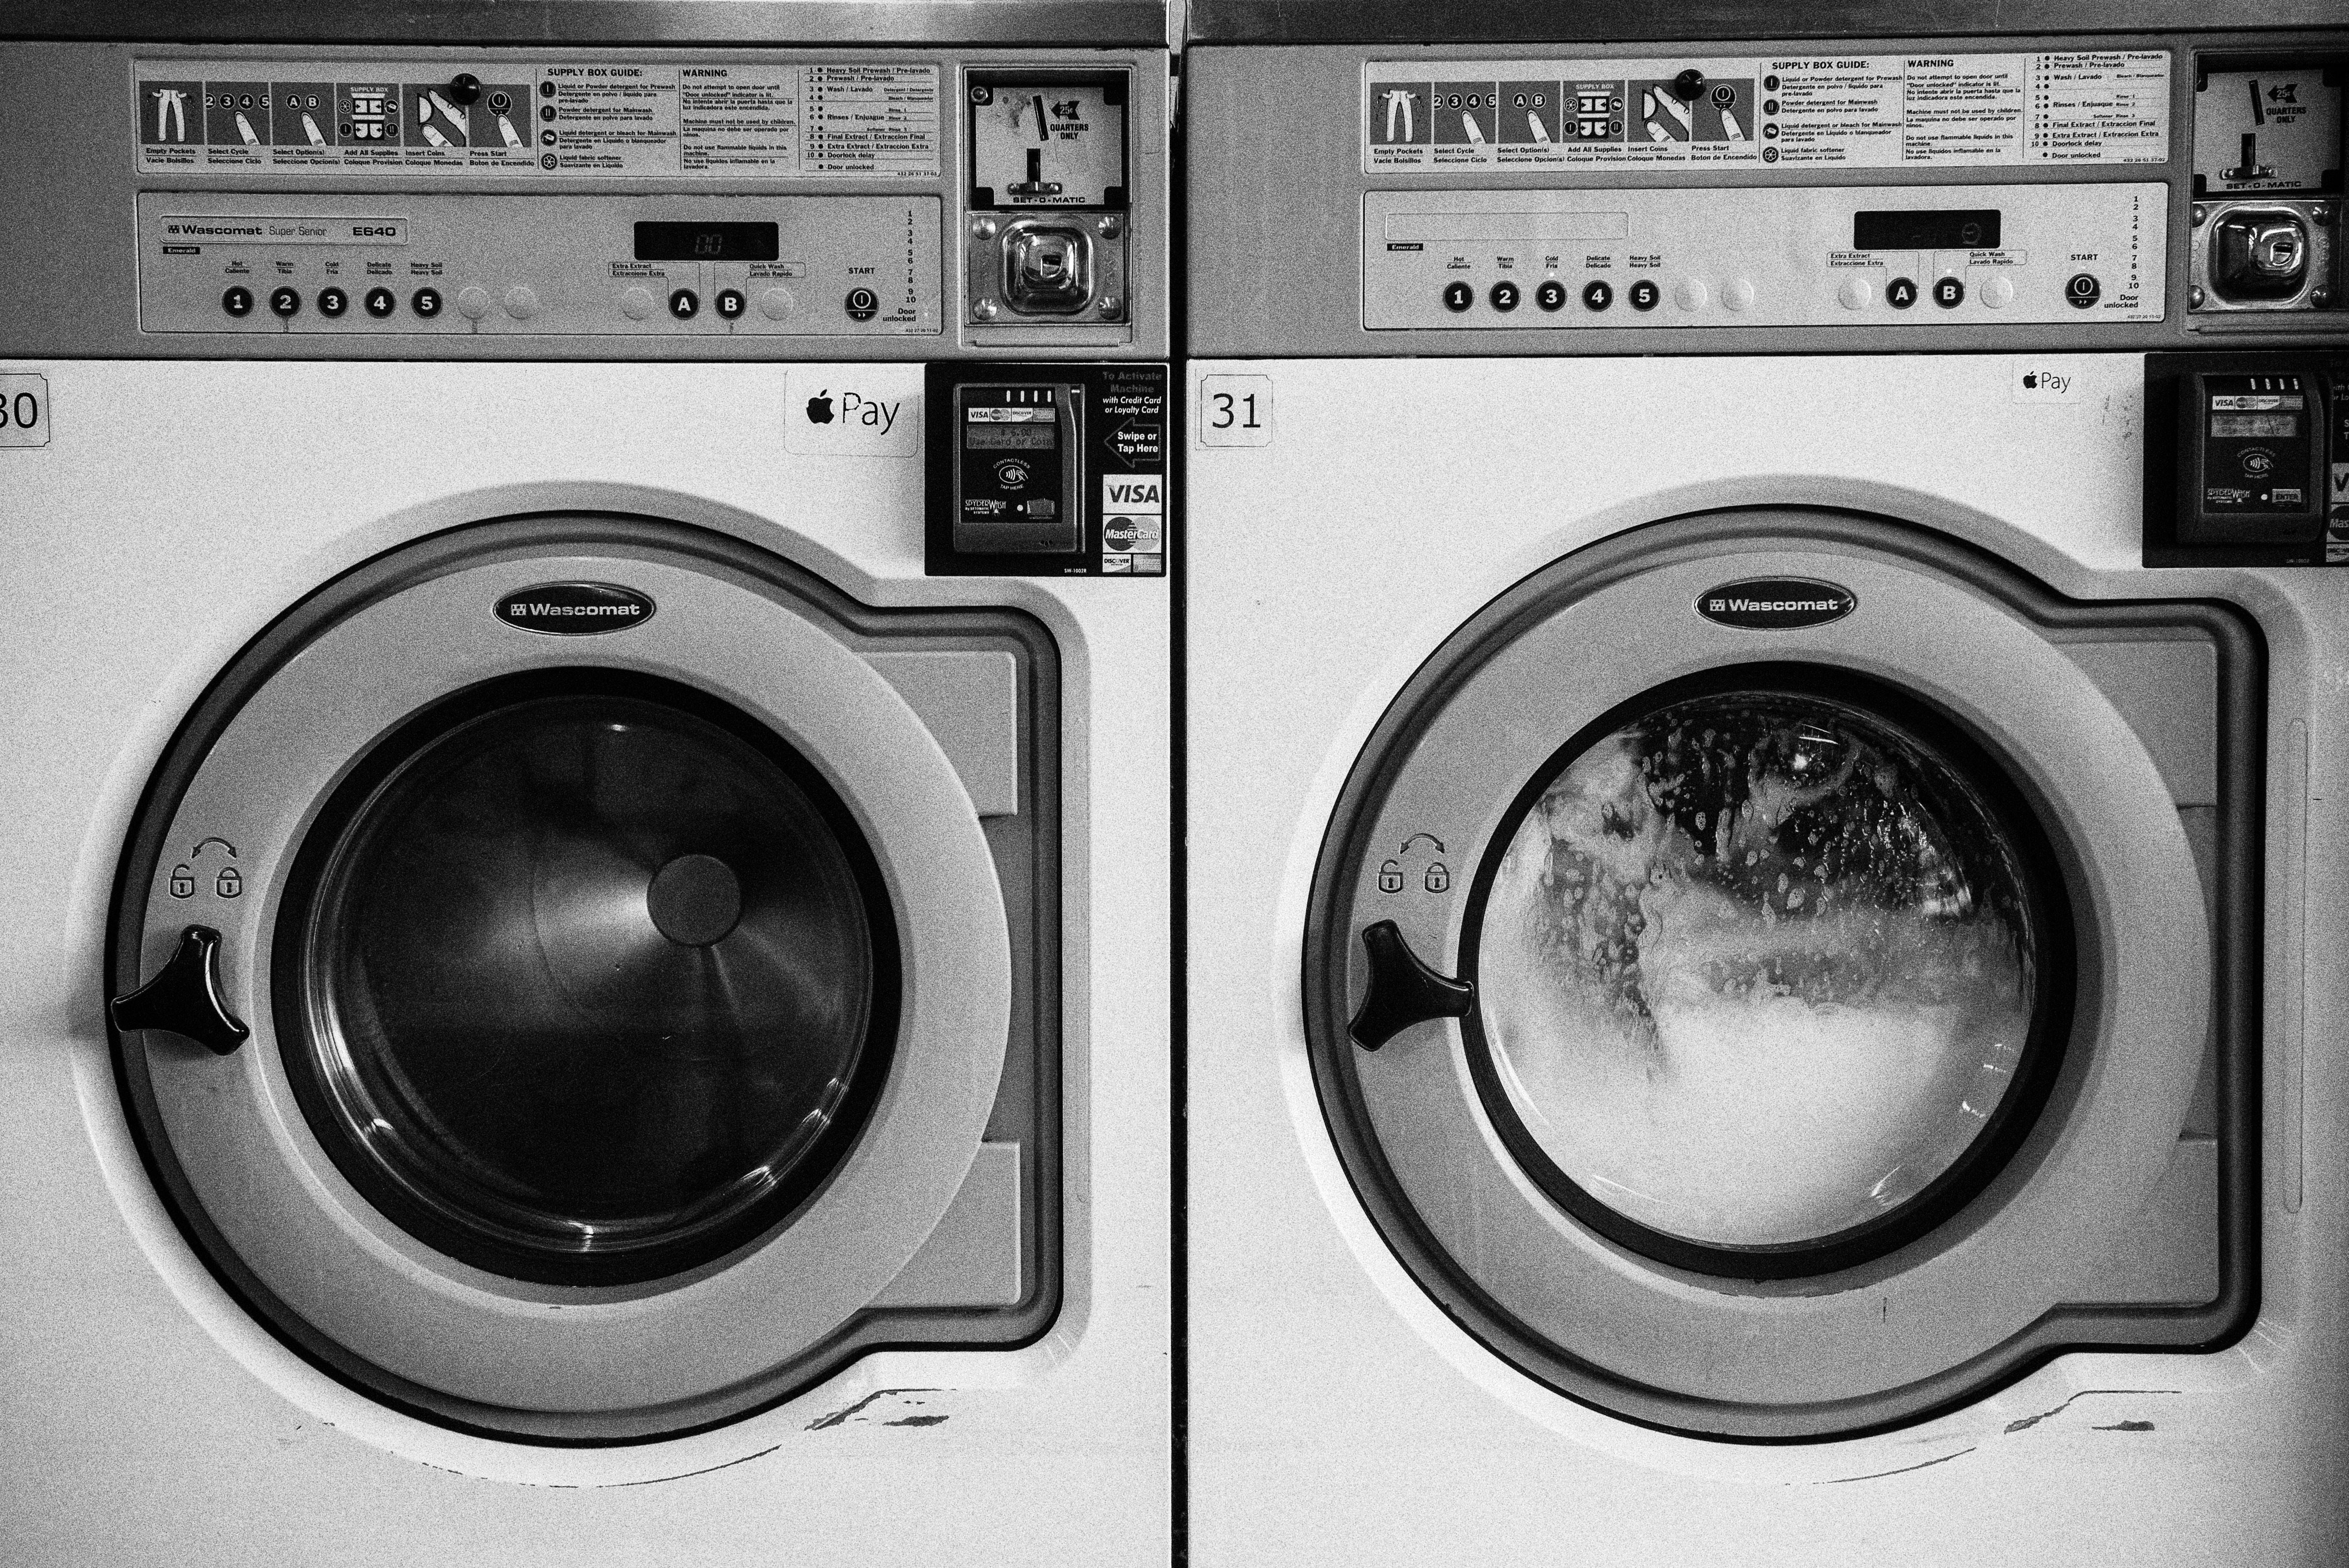 歴史や価値とともに変化する「お値段」⑱ ── 電気洗濯機のお値段